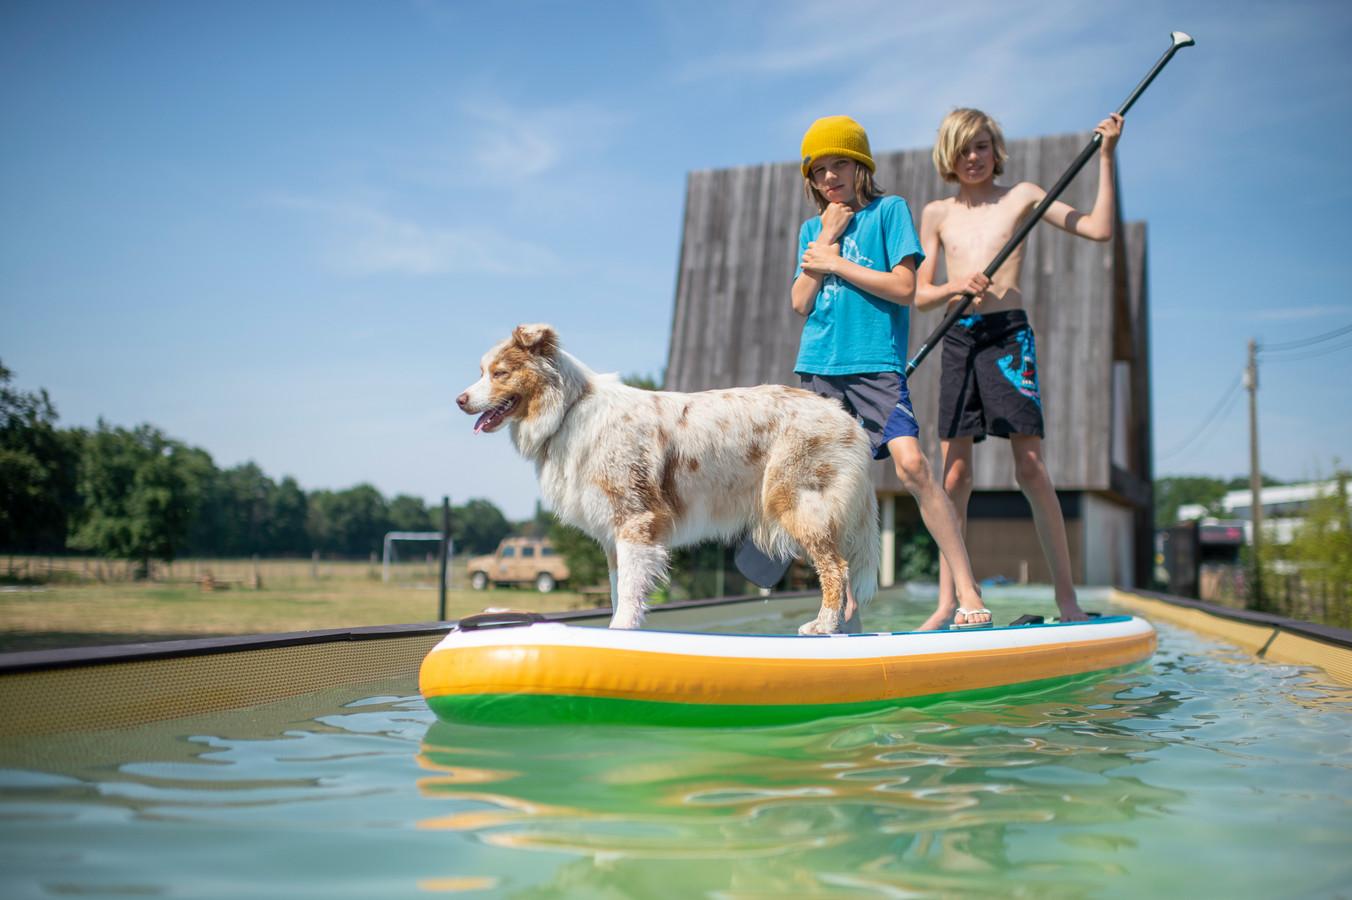 Yenno en Rio, de zonen van Wim, samen met hun hond op het zwembad in de tuin.